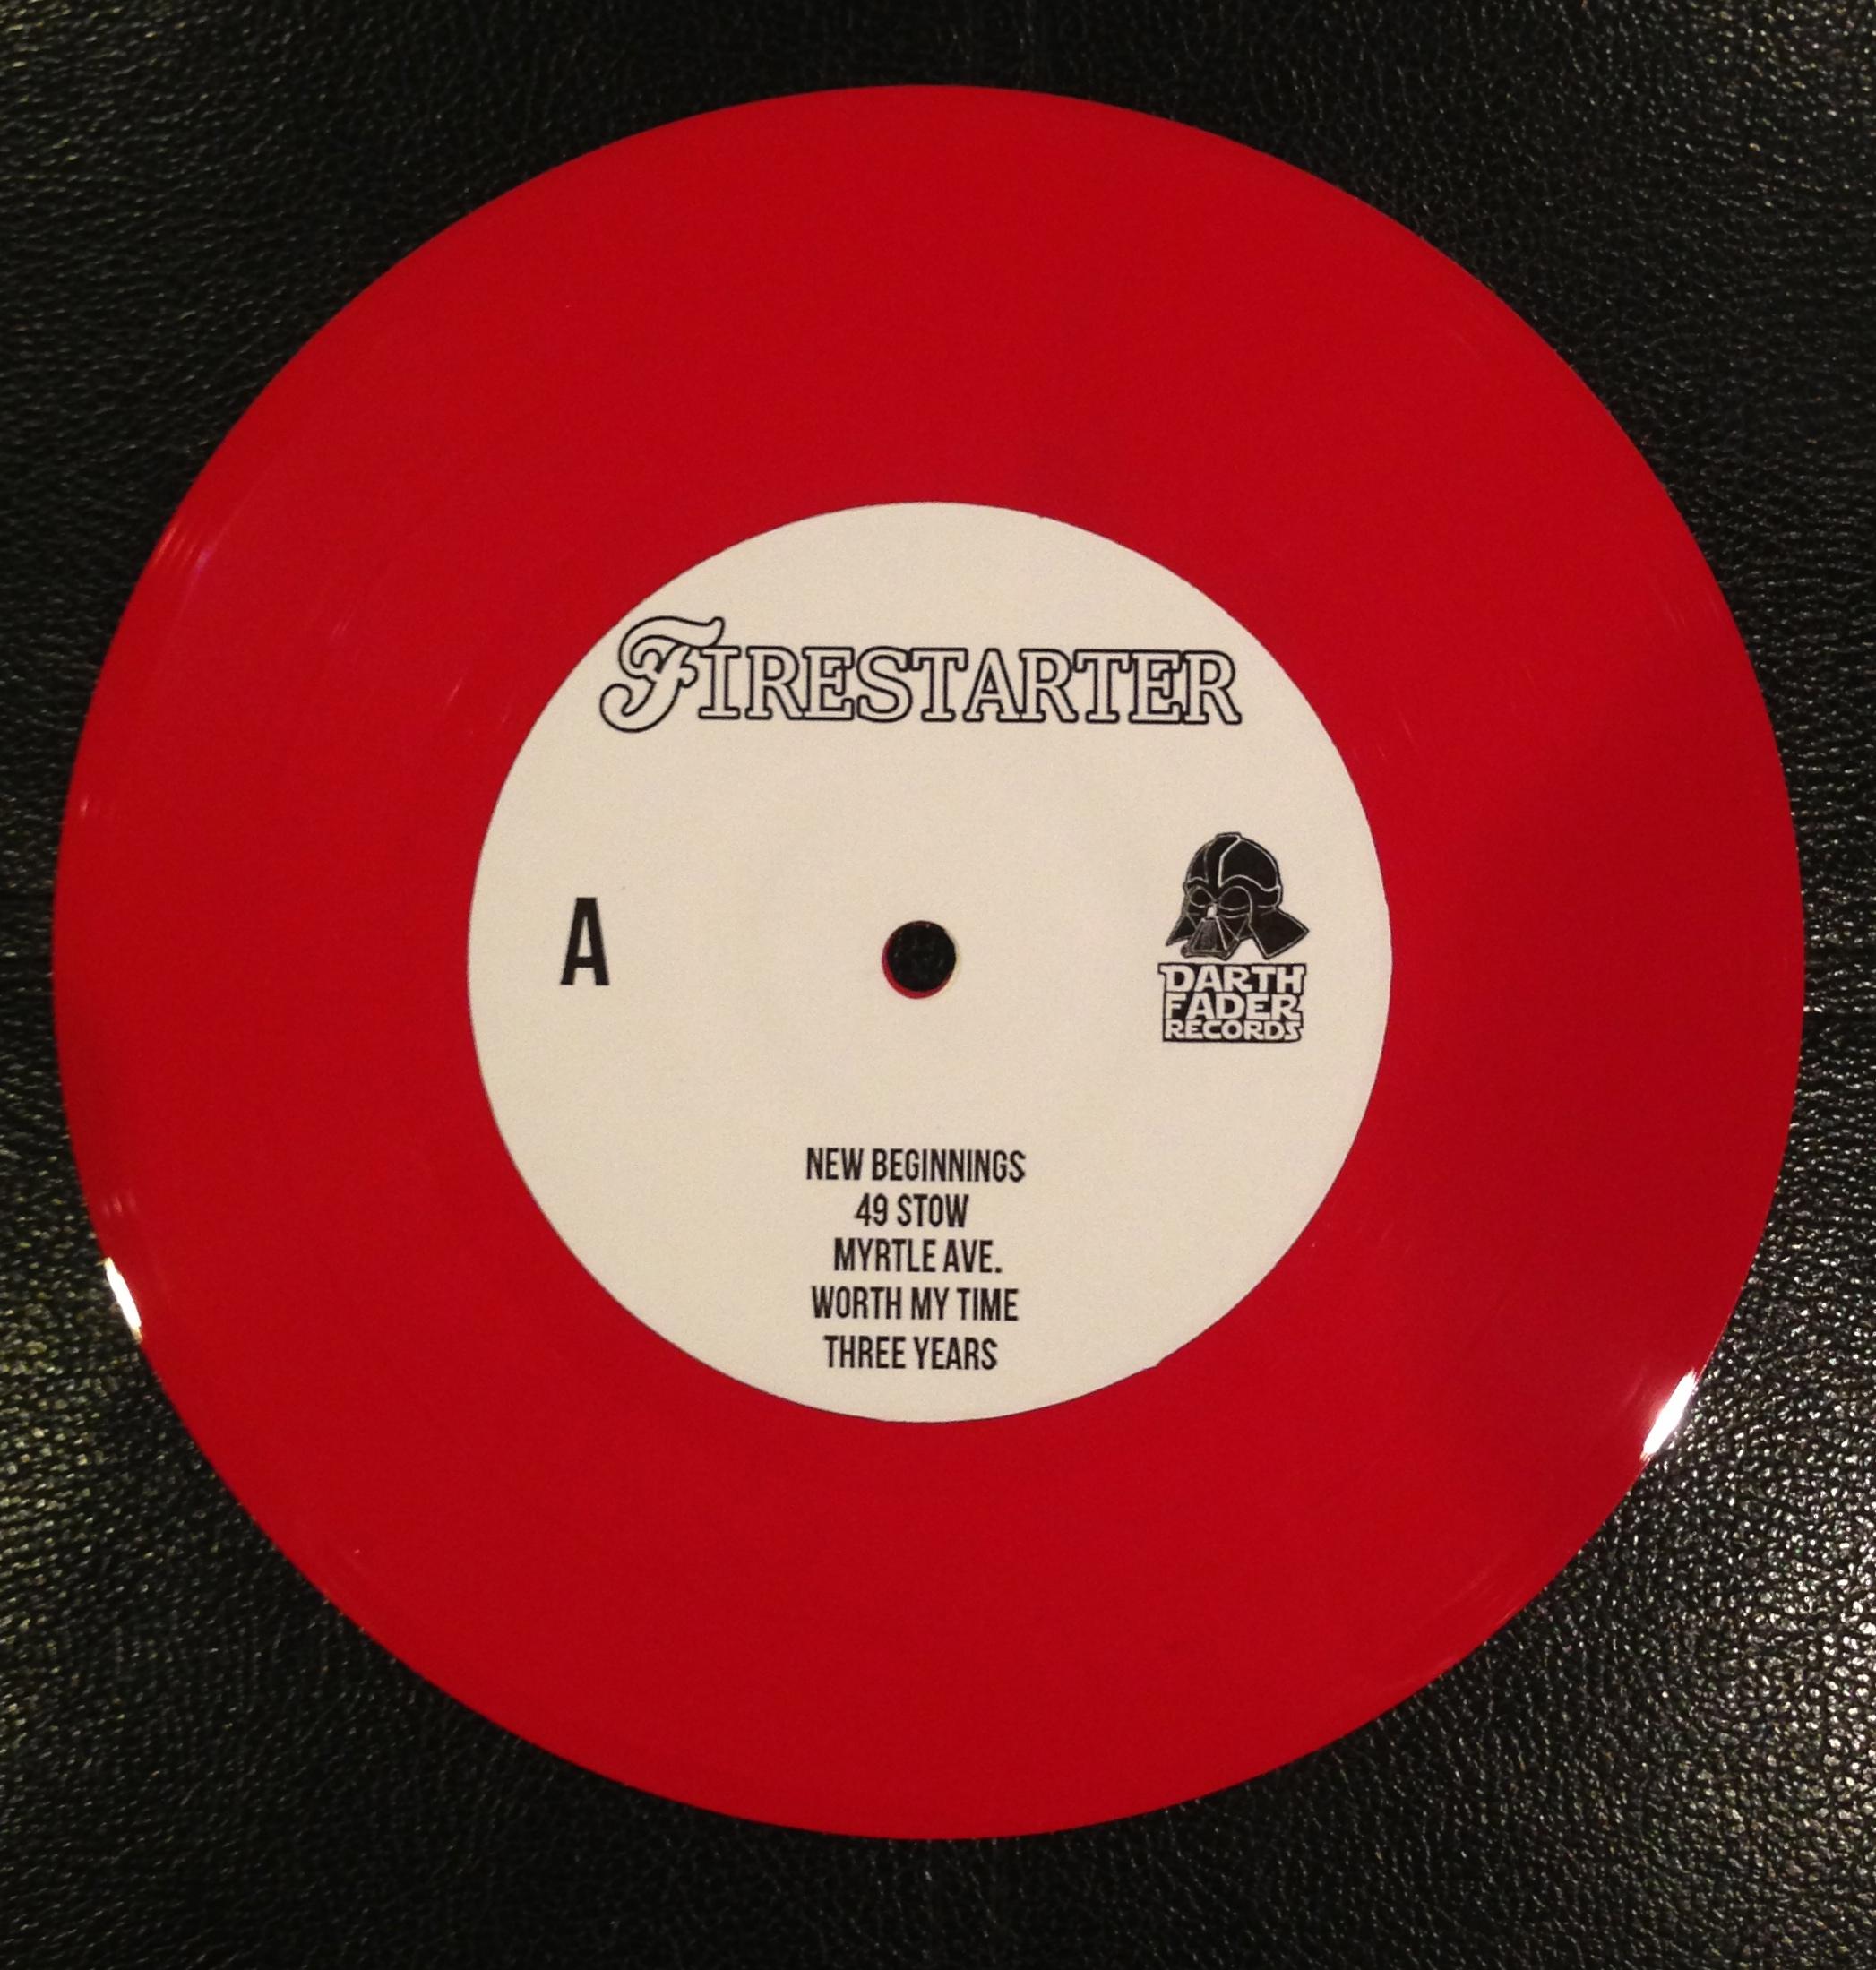 Darth Fader Records - Firestarter